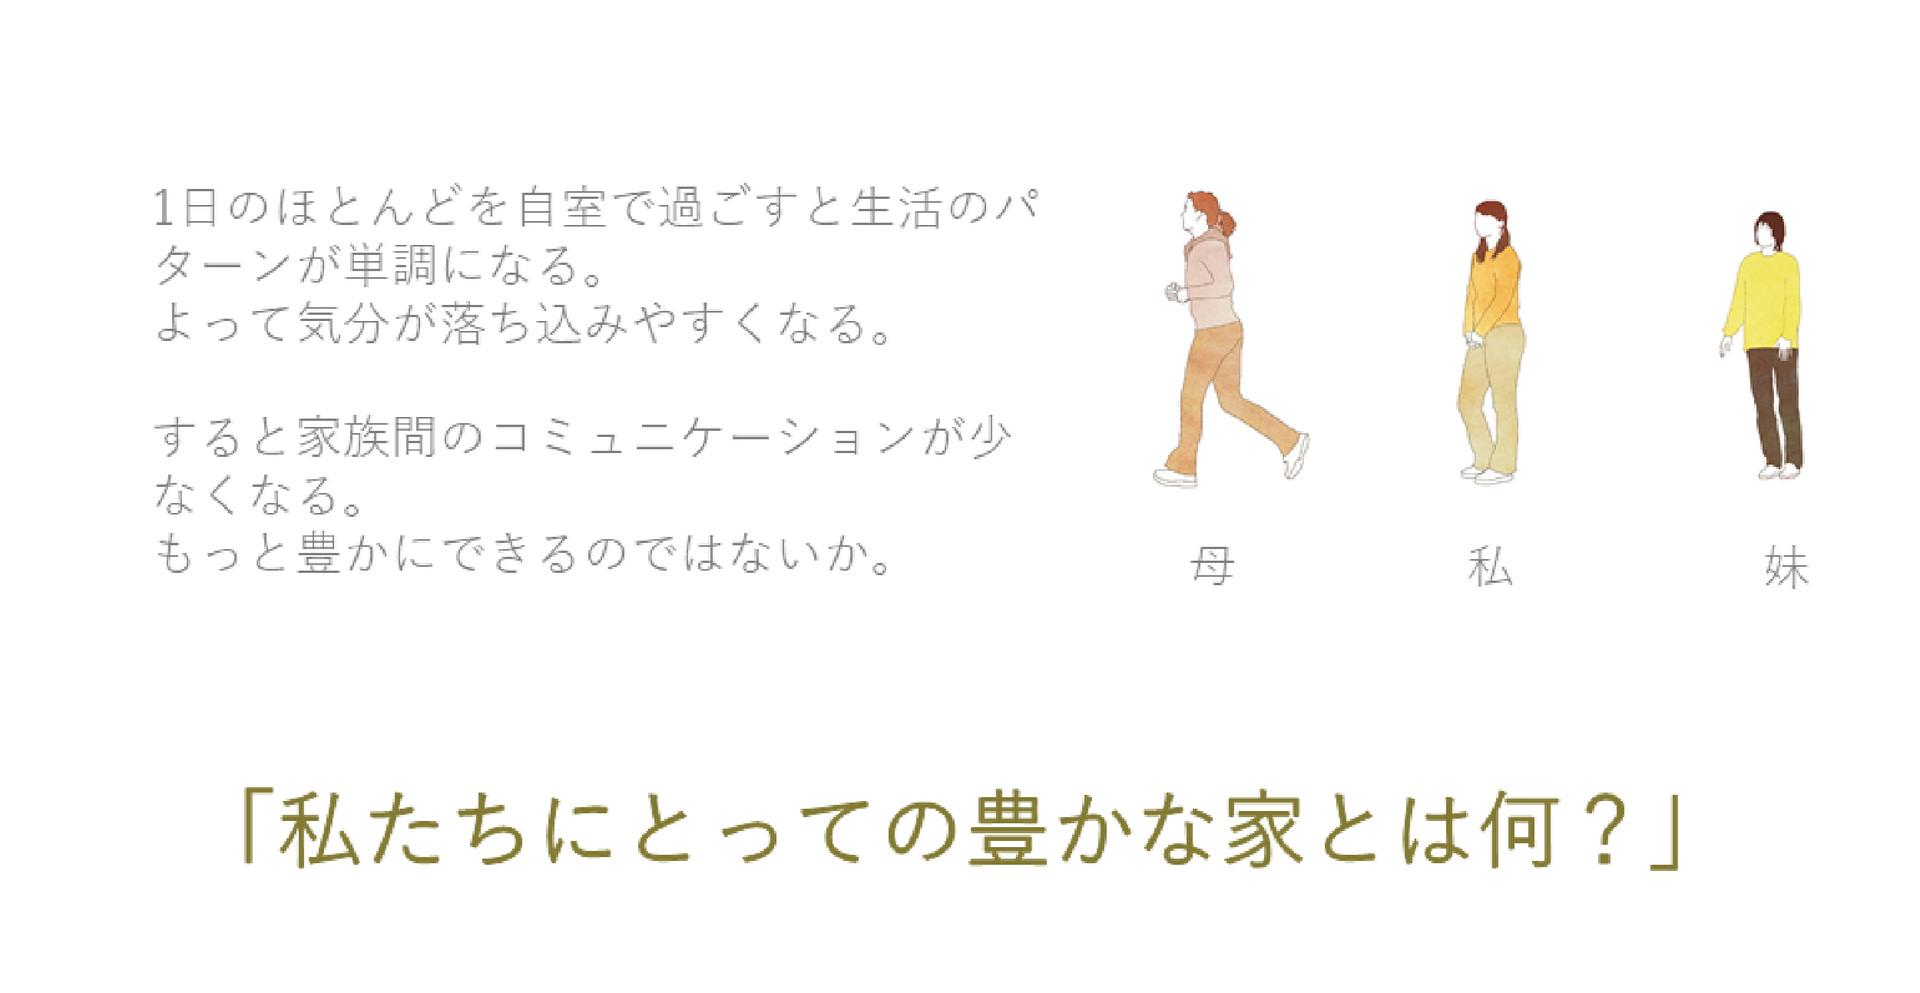 香川唯 設計製図Ⅲ 05.jpg